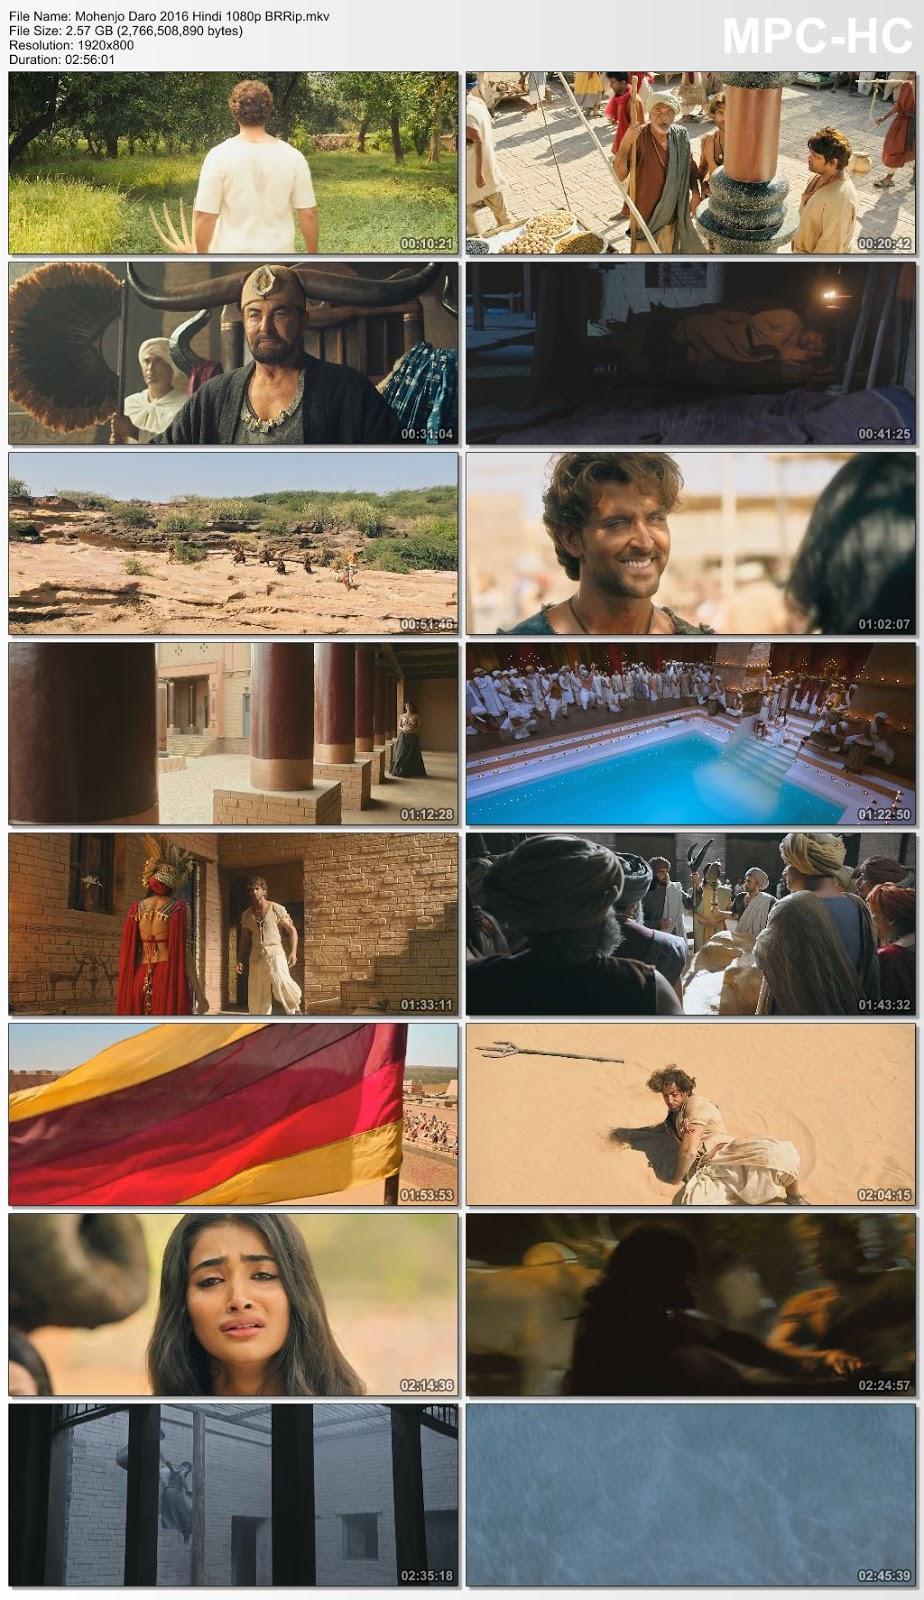 Mohenjo Daro 2016 Hindi 1080p BRRip – 2.57GB Desirehub